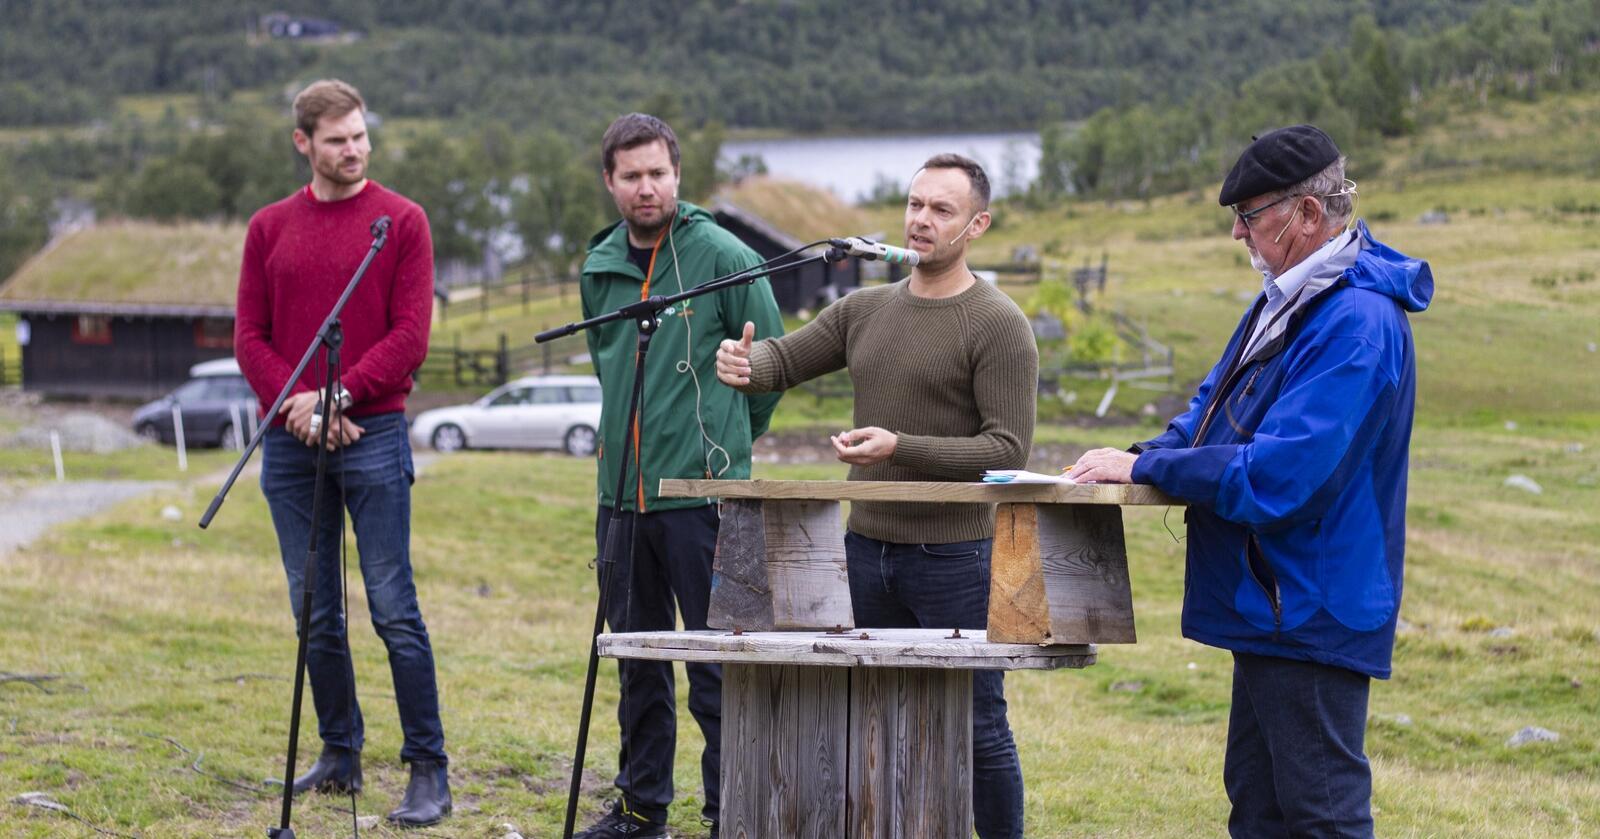 Debatt for de rødgrønne på Kråkeroe-stølen på Rauland. Nils Kristen Sandtrøen (Ap), Geir Pollestad (Sp) og Torgeir Knag Fylkesnes (SV) deltok.